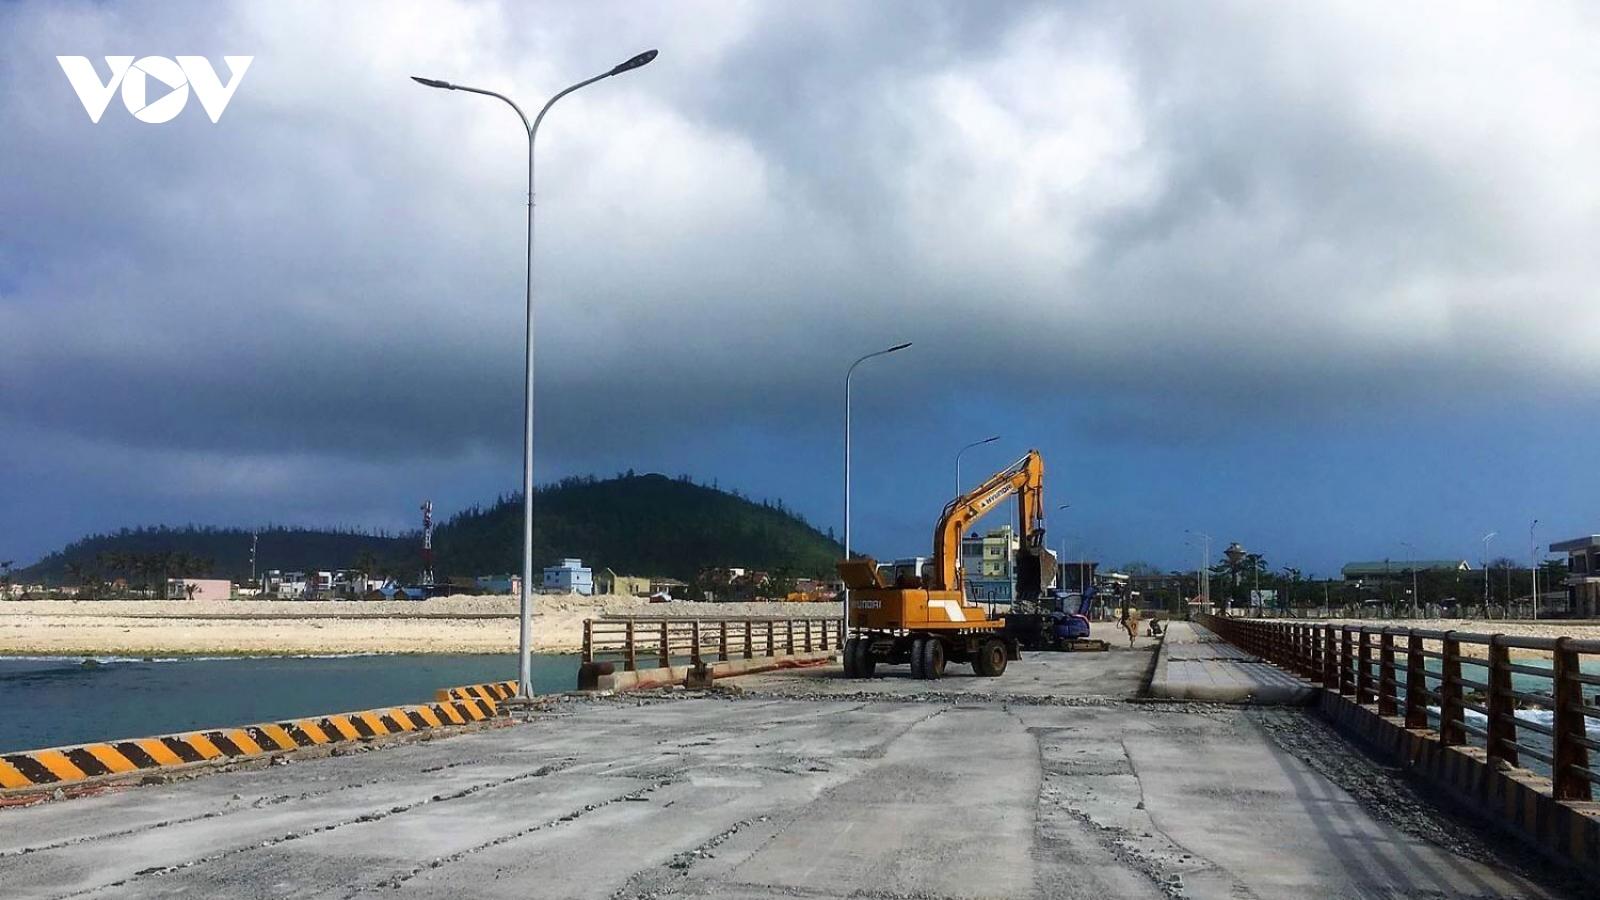 Cảng Bến Đình (Lý Sơn) khi nào mới hoàn thành đưa vào sử dụng?